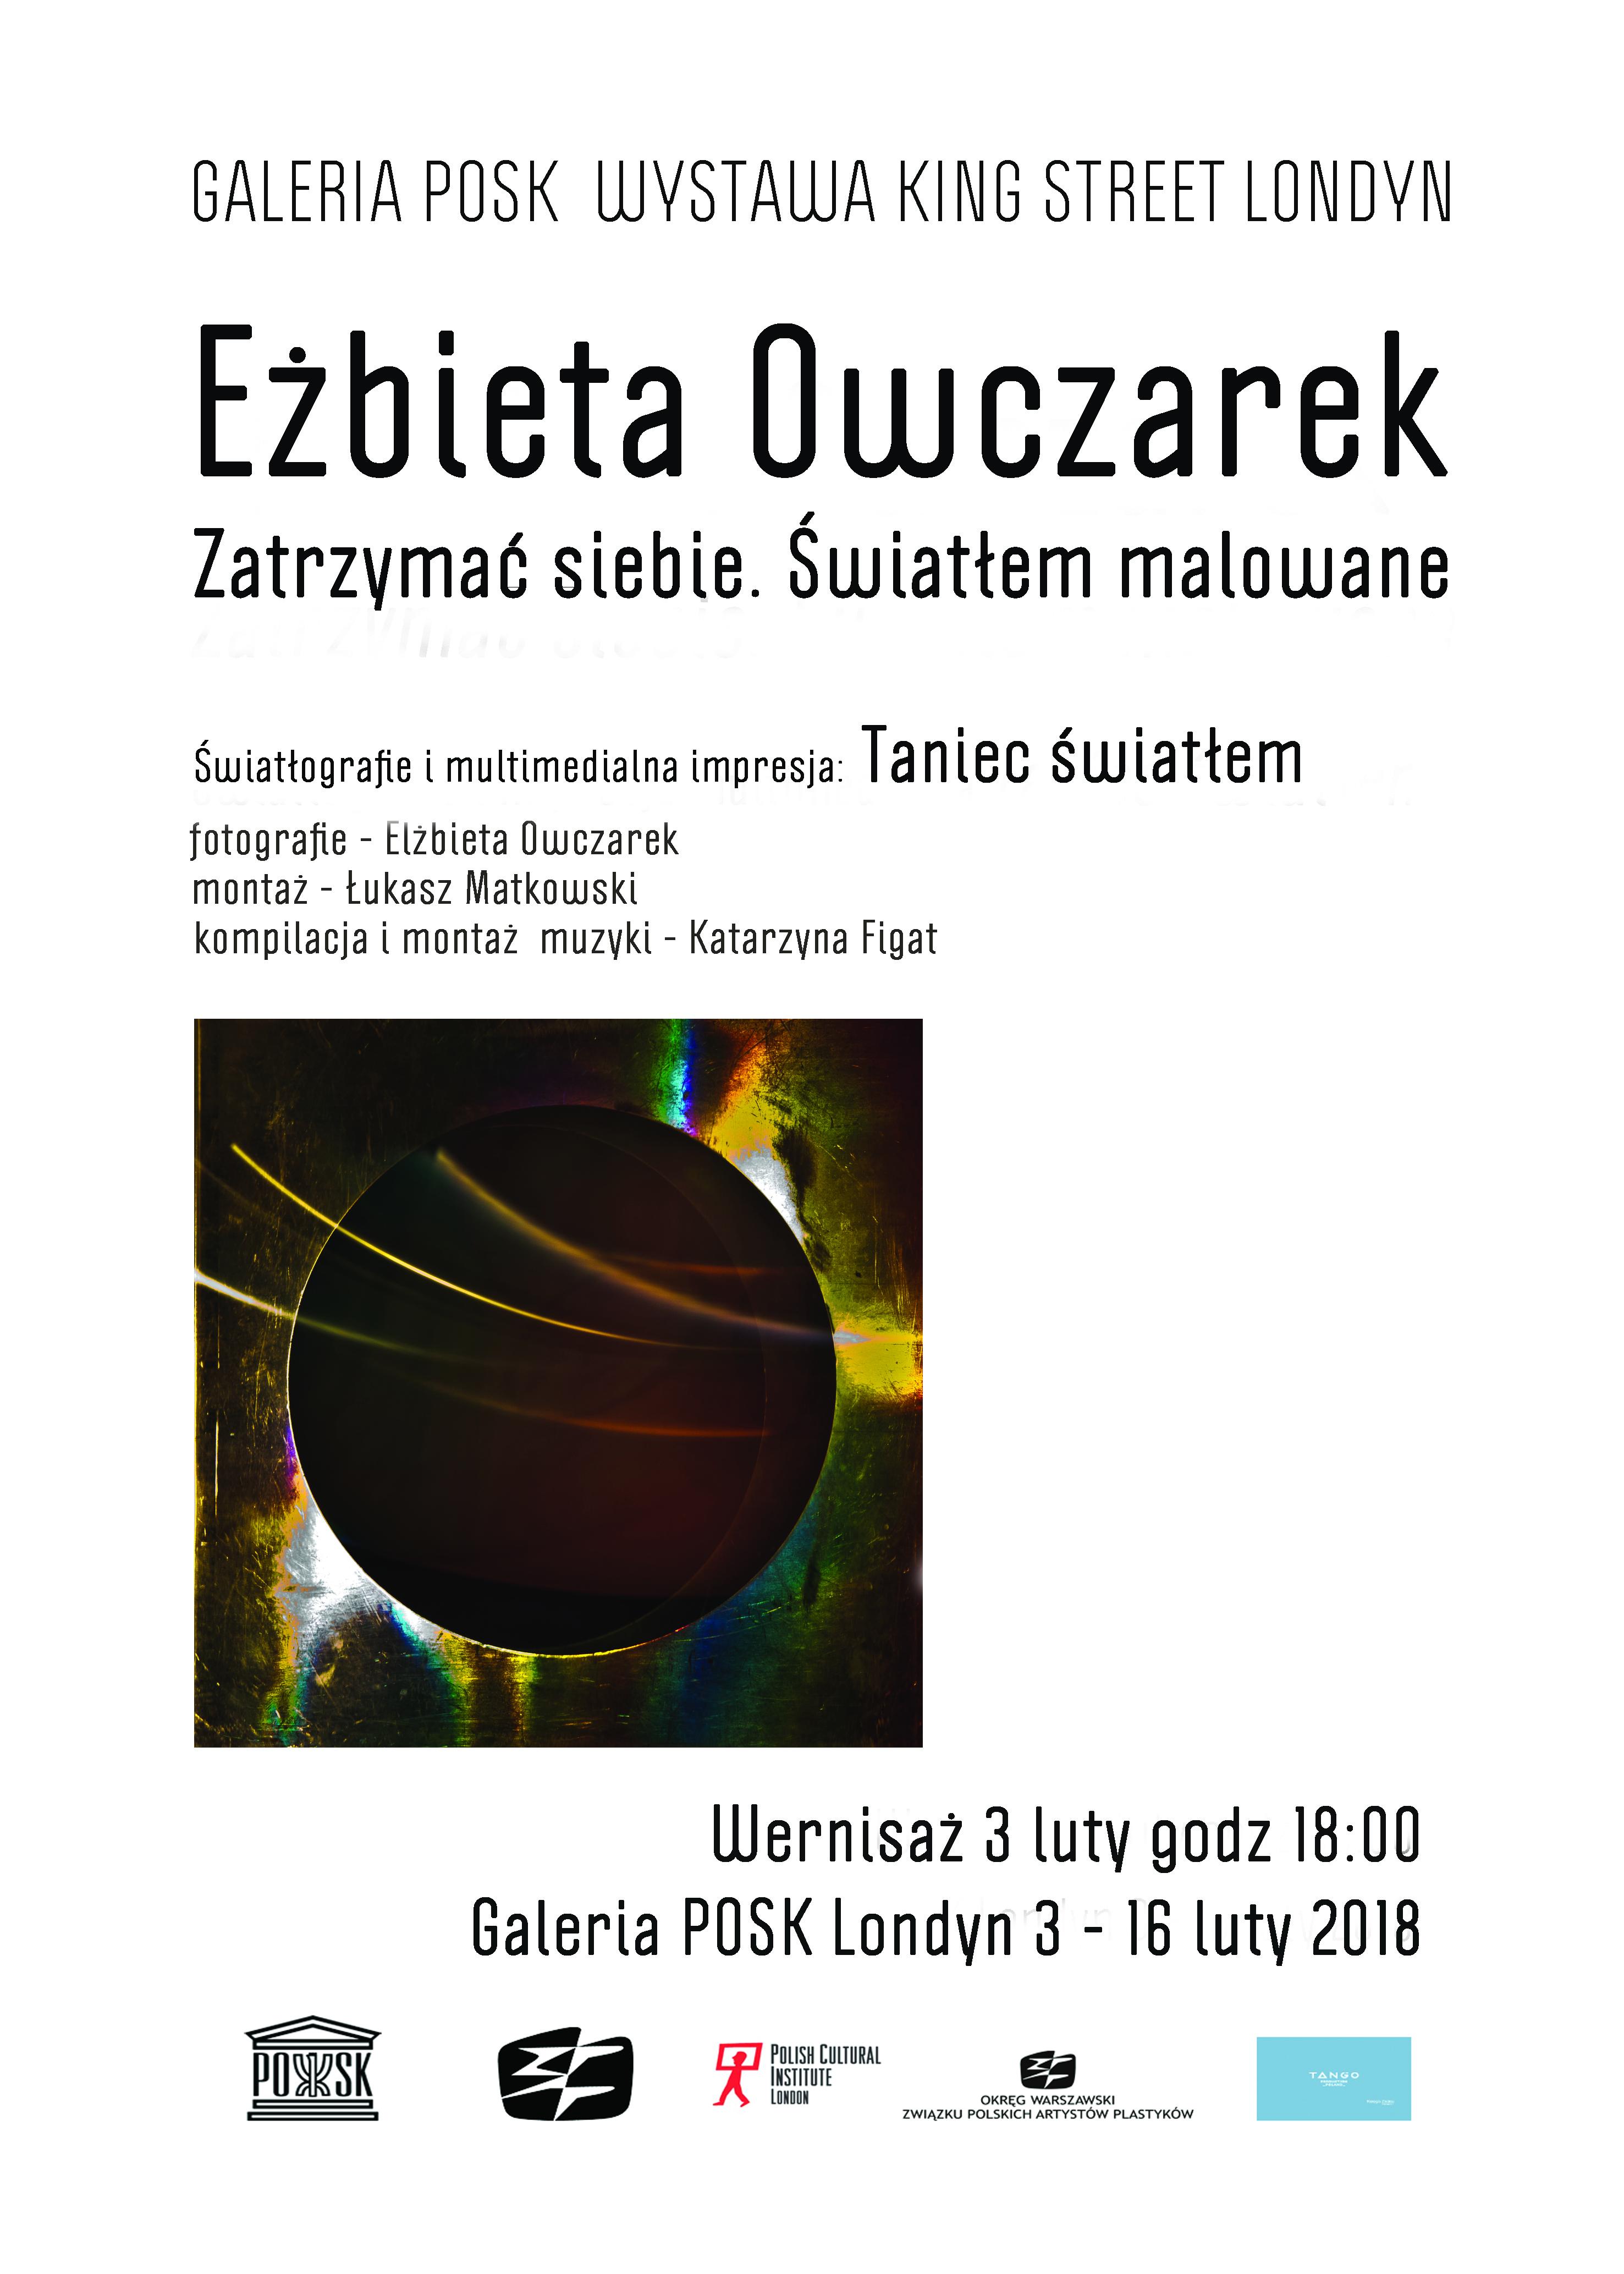 Elżbieta Owczarek. Wystawa światłografii